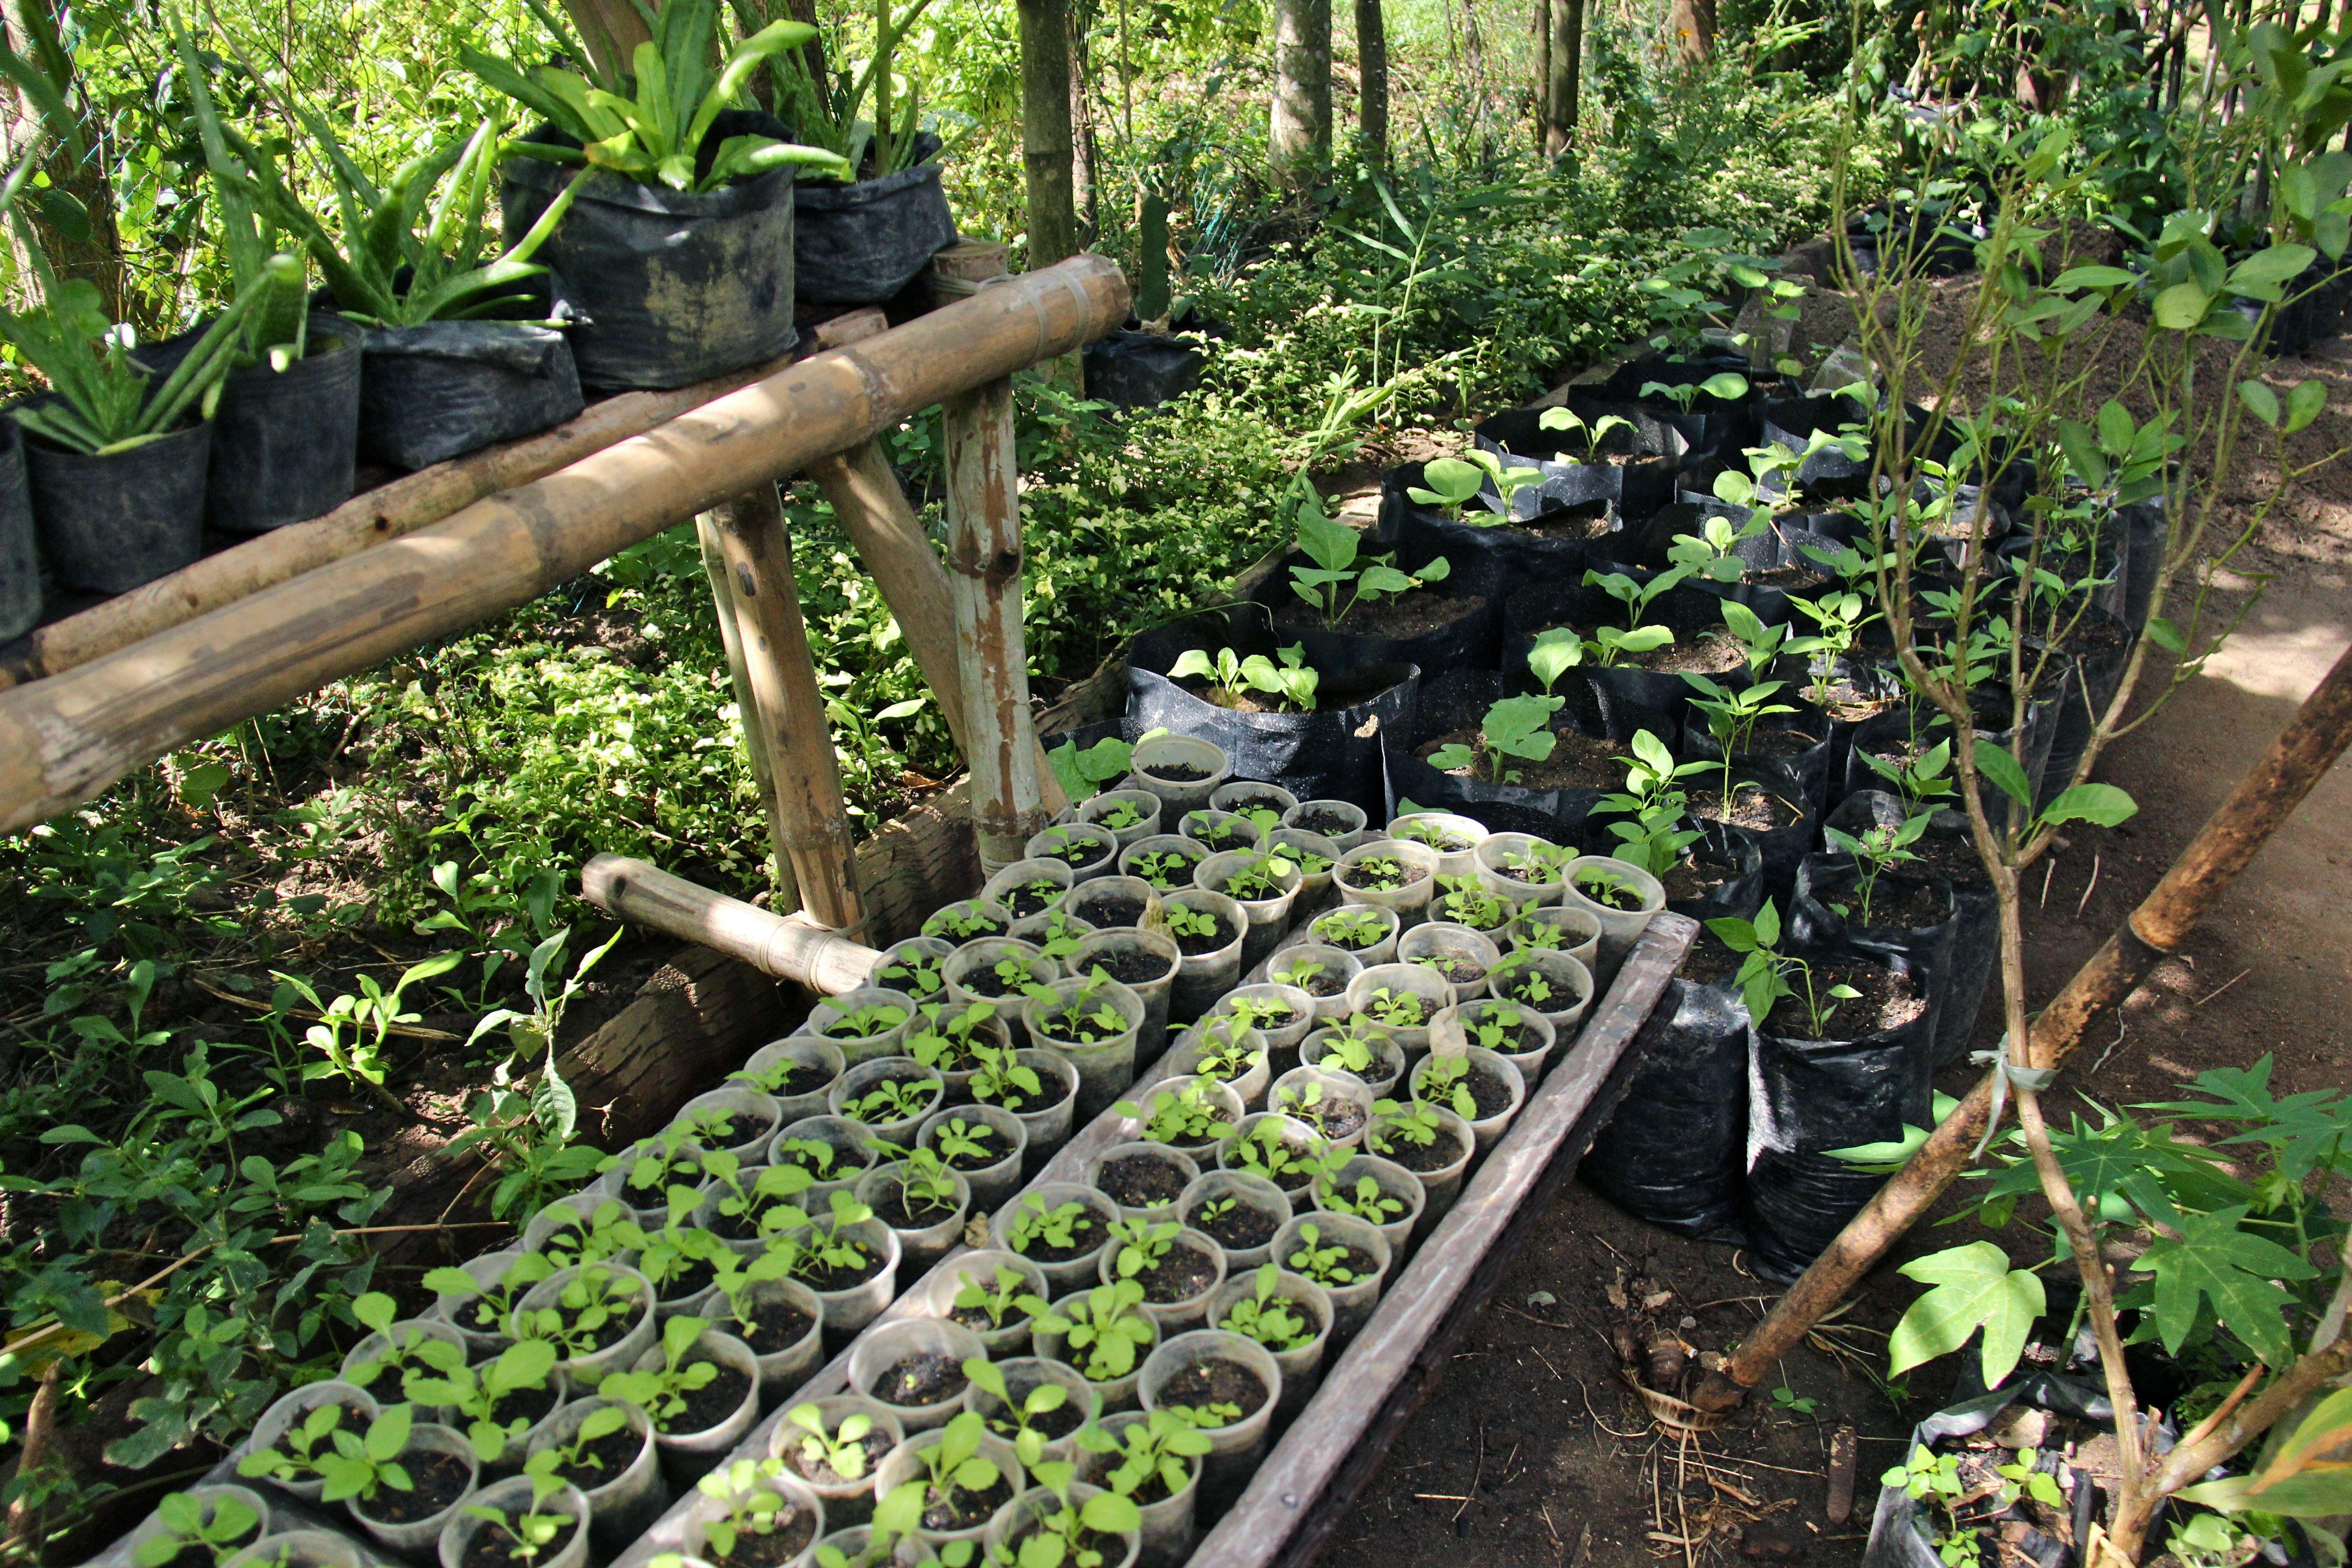 Semis permaculture Tao farm Palawan